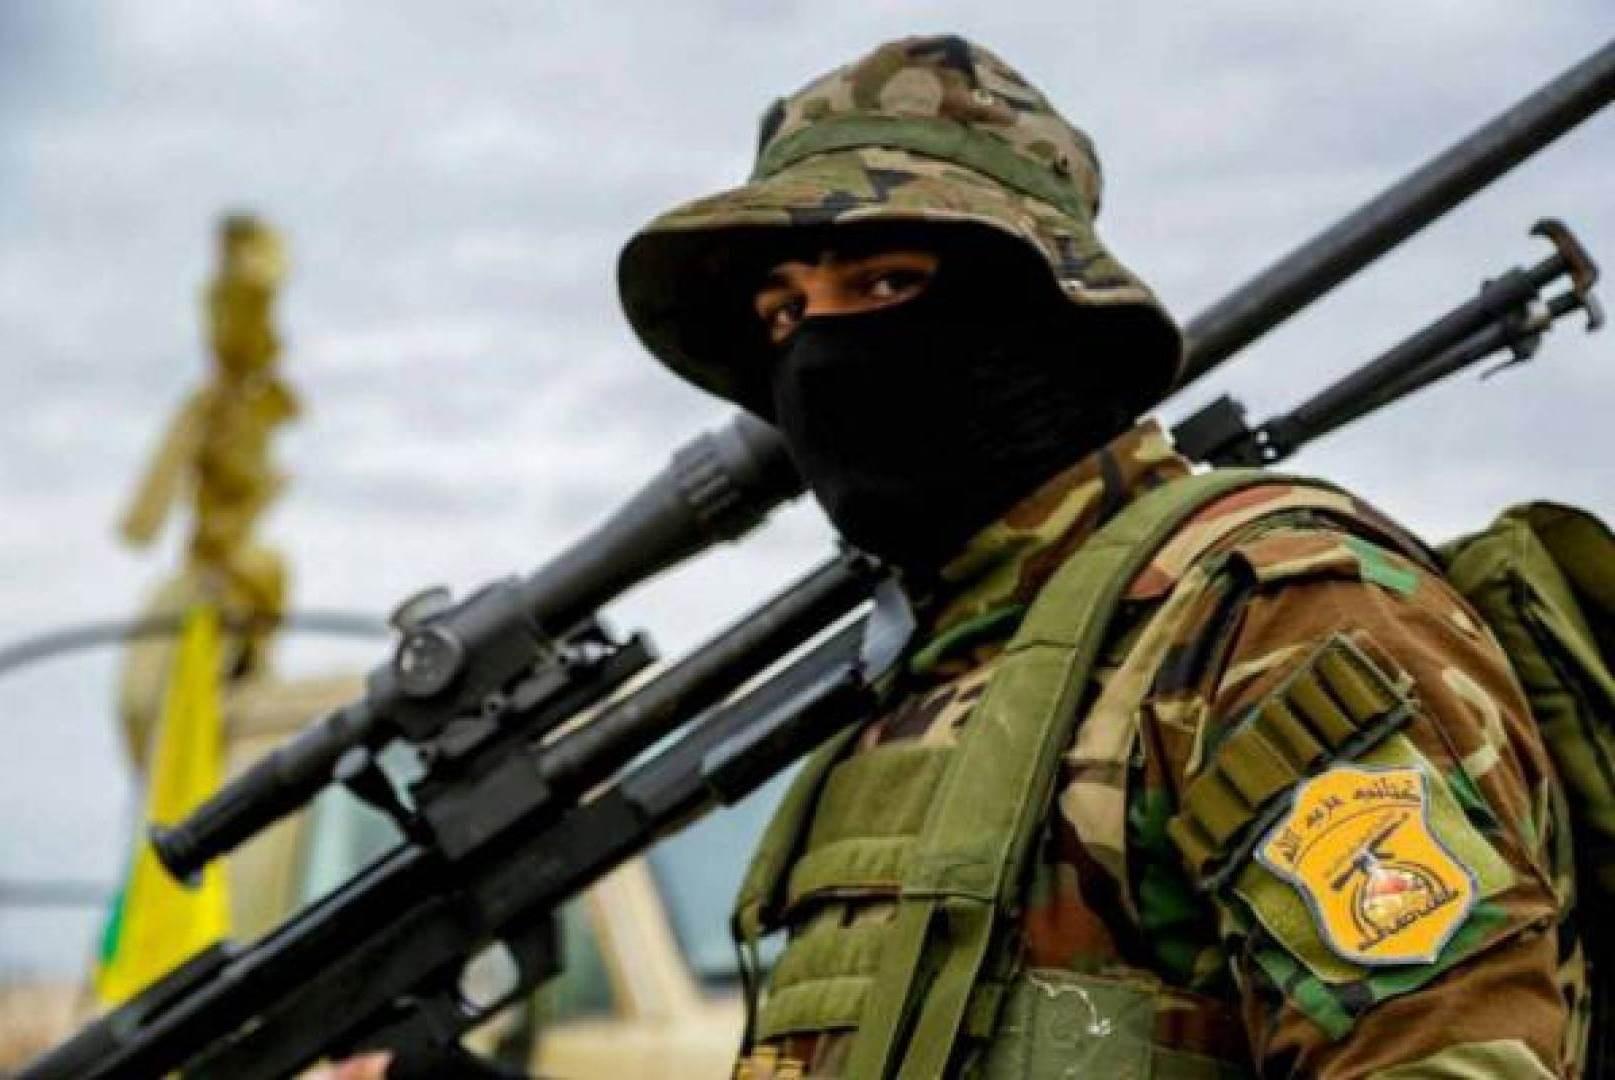 حزب الله العراق: سرعة تجهيز الاتهامات للأطراف المناهضين لمشروع الاحتلال يؤكد أن أداة القتل والاتهام واحدة